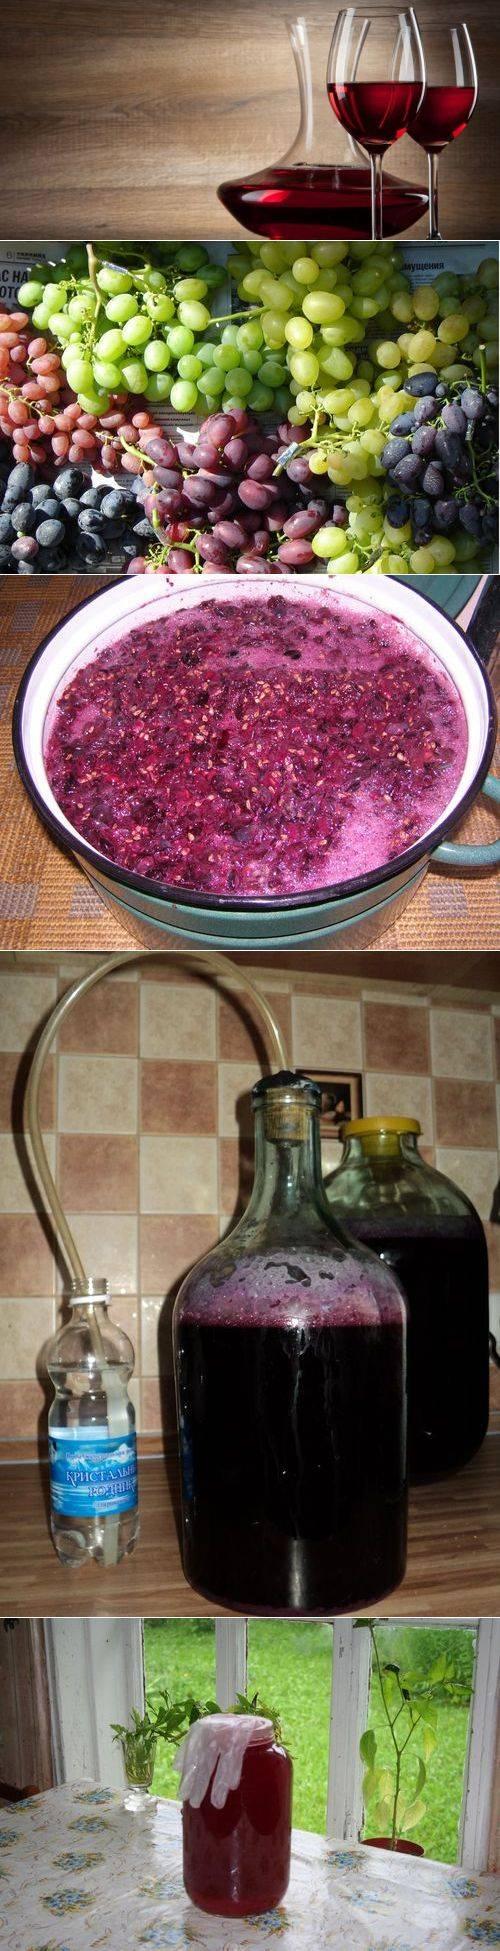 Как делать вино из винограда лидия в домашних условиях? несложные рецепты своими руками